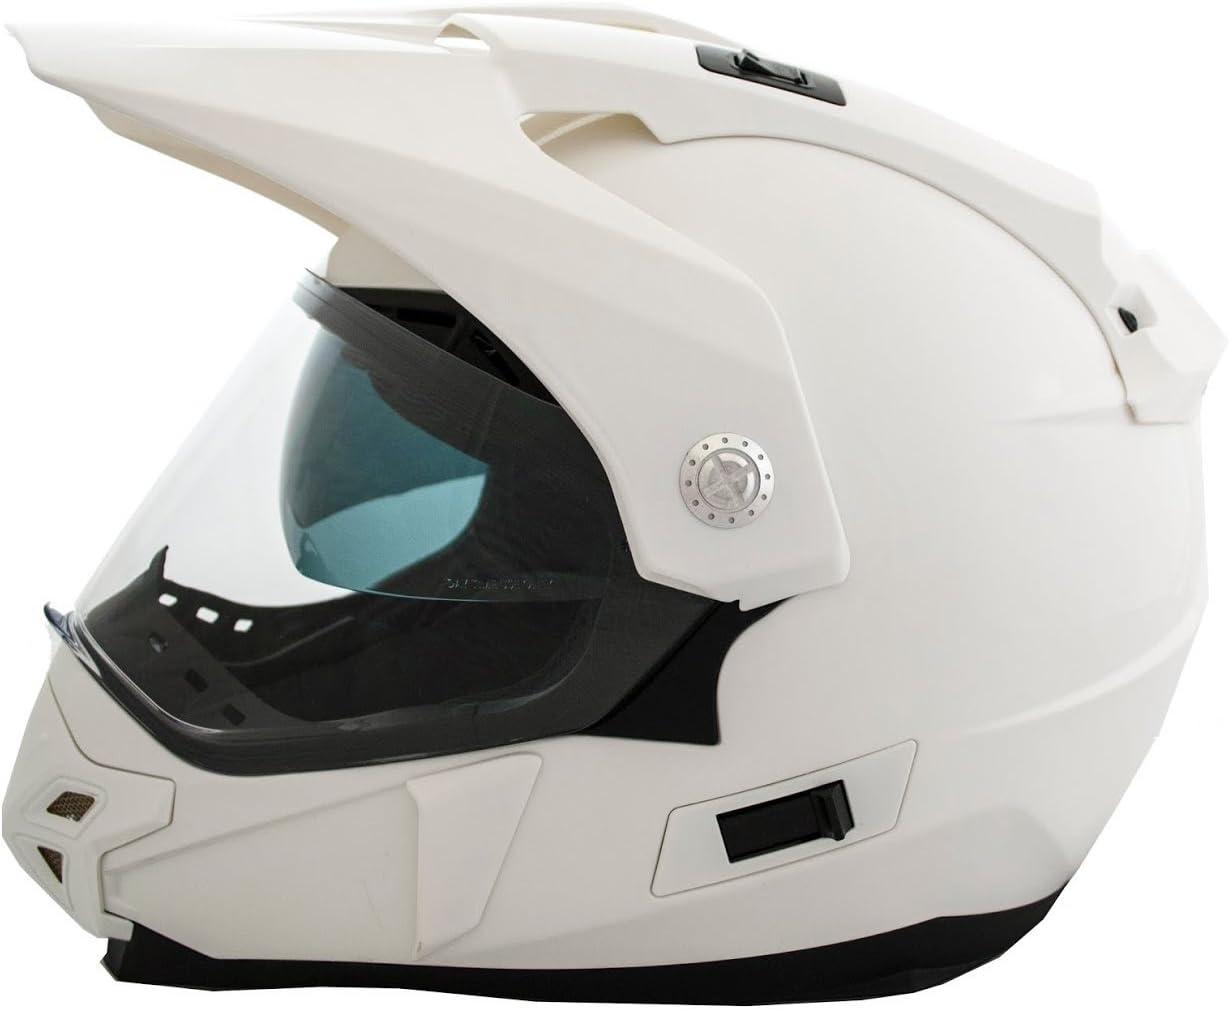 Casco Moto Custom S Cascos Abierto Nitro para Motos en